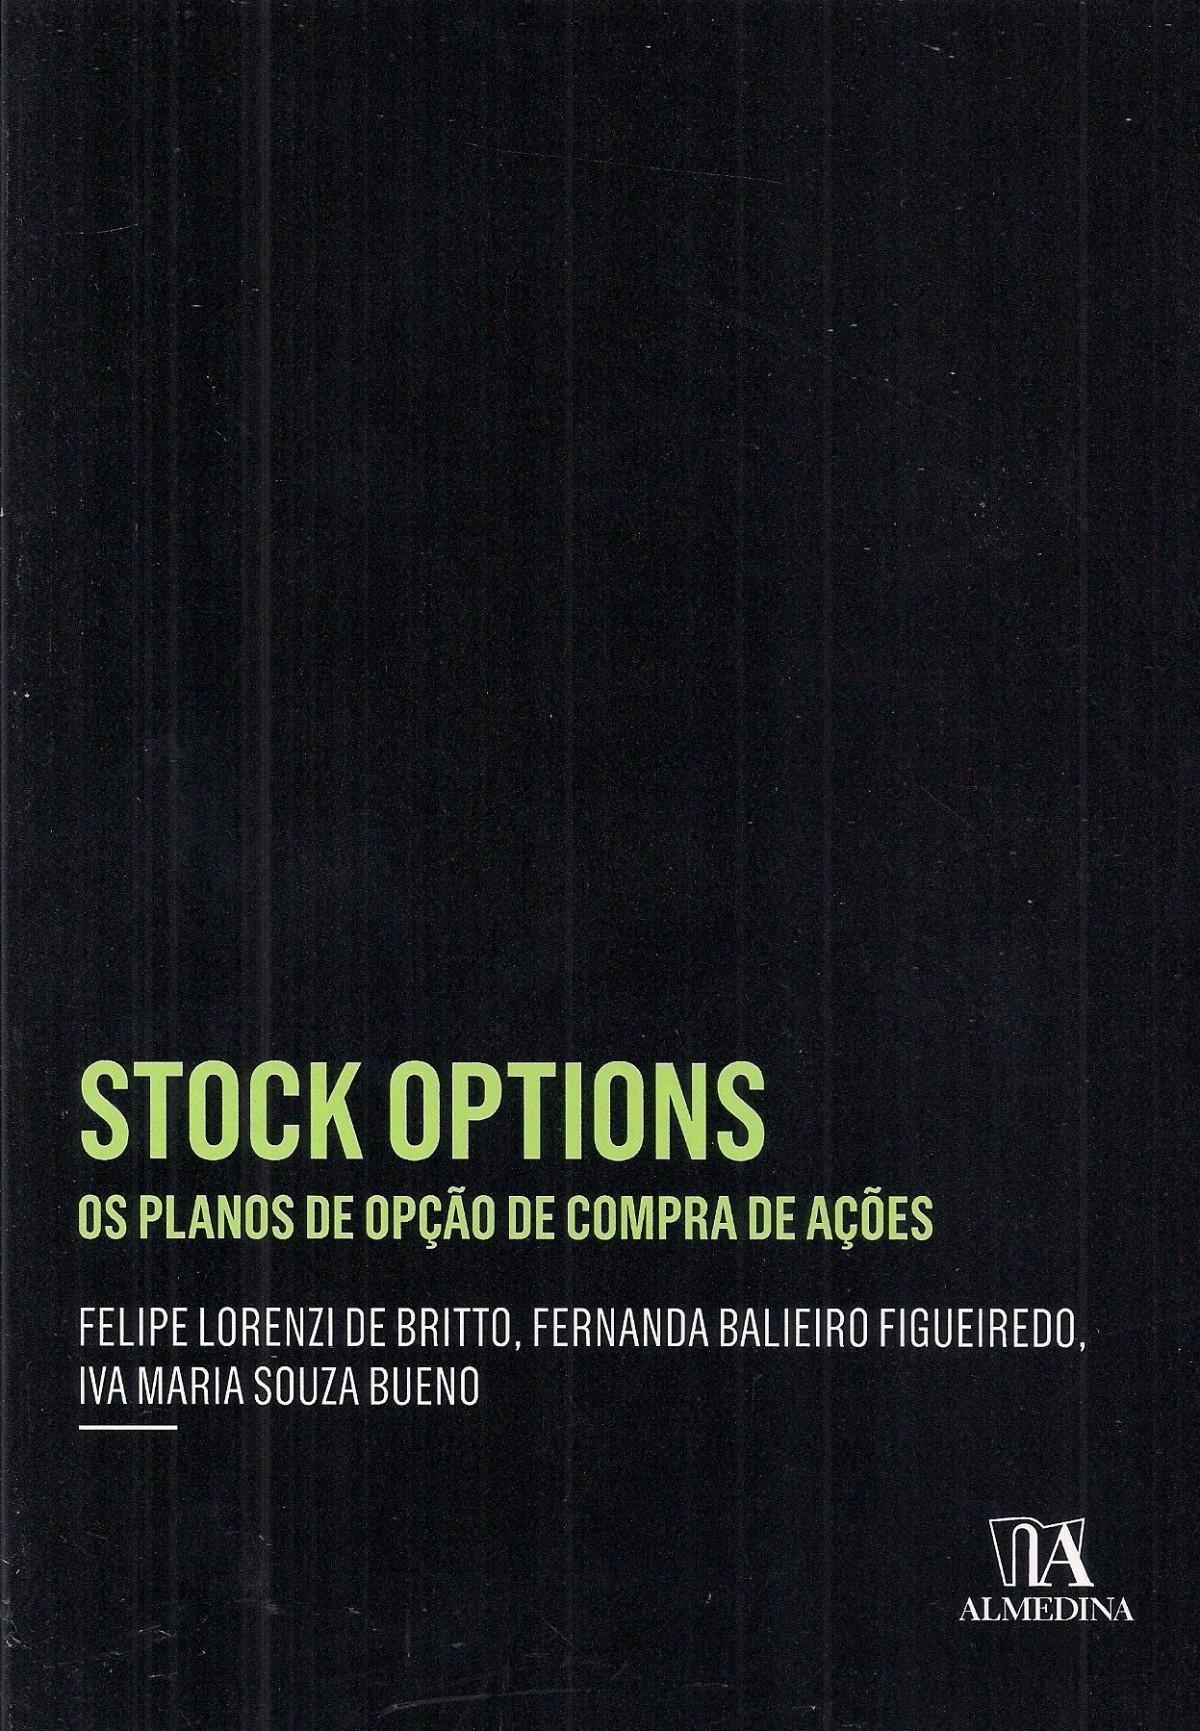 Foto 1 - Stock Options - Os planos de opção de compra de ações